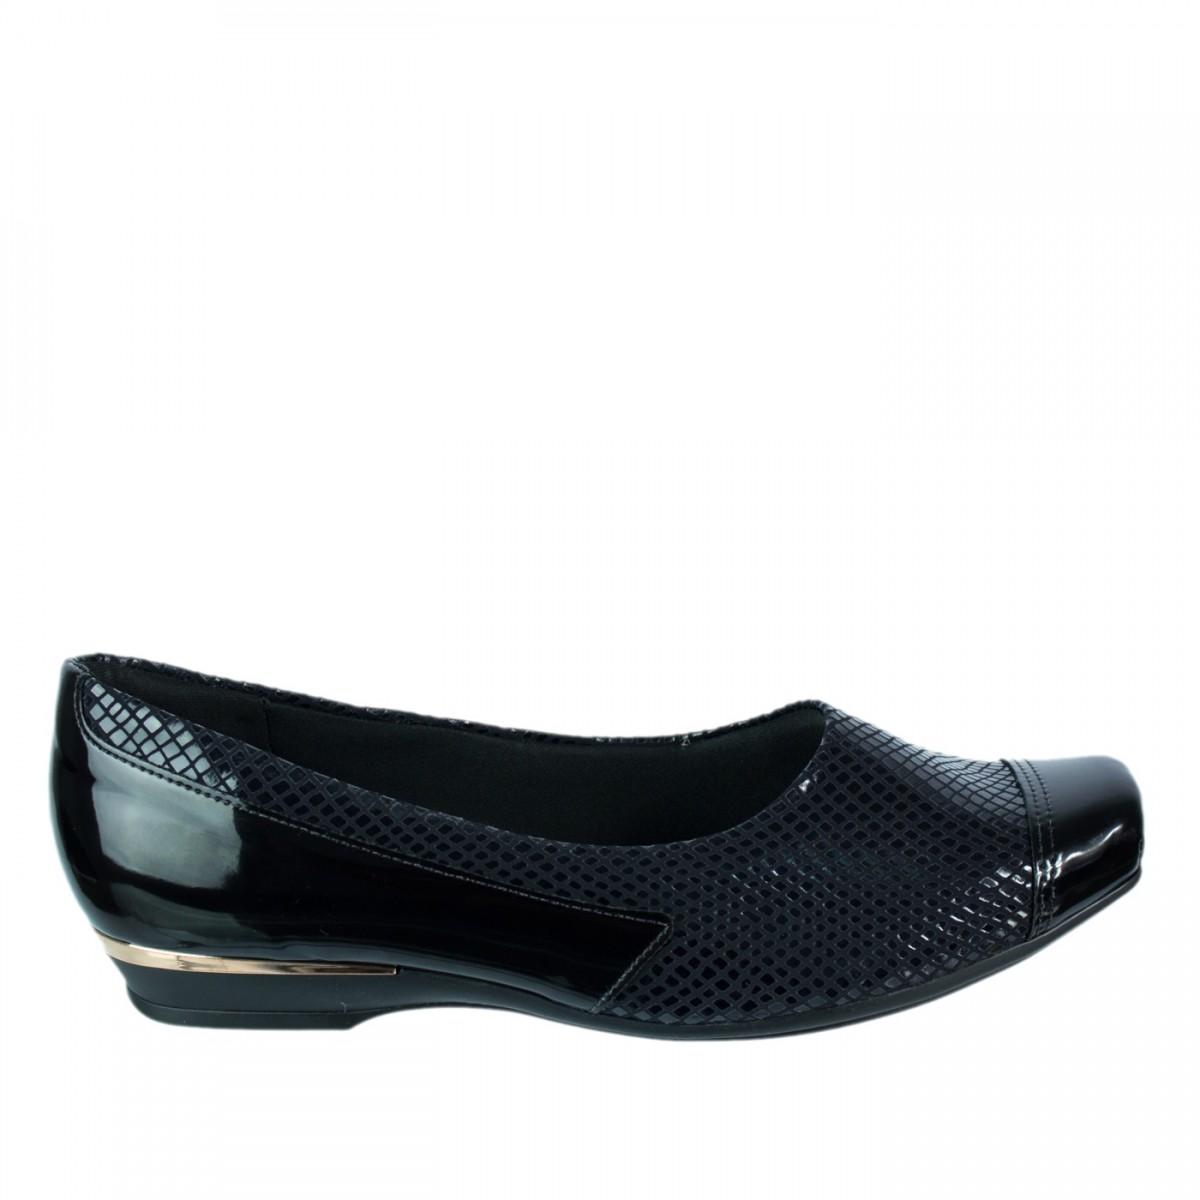 d402ff8b2 Bizz Store - Sapato Feminino Para Joanete Piccadilly Preto